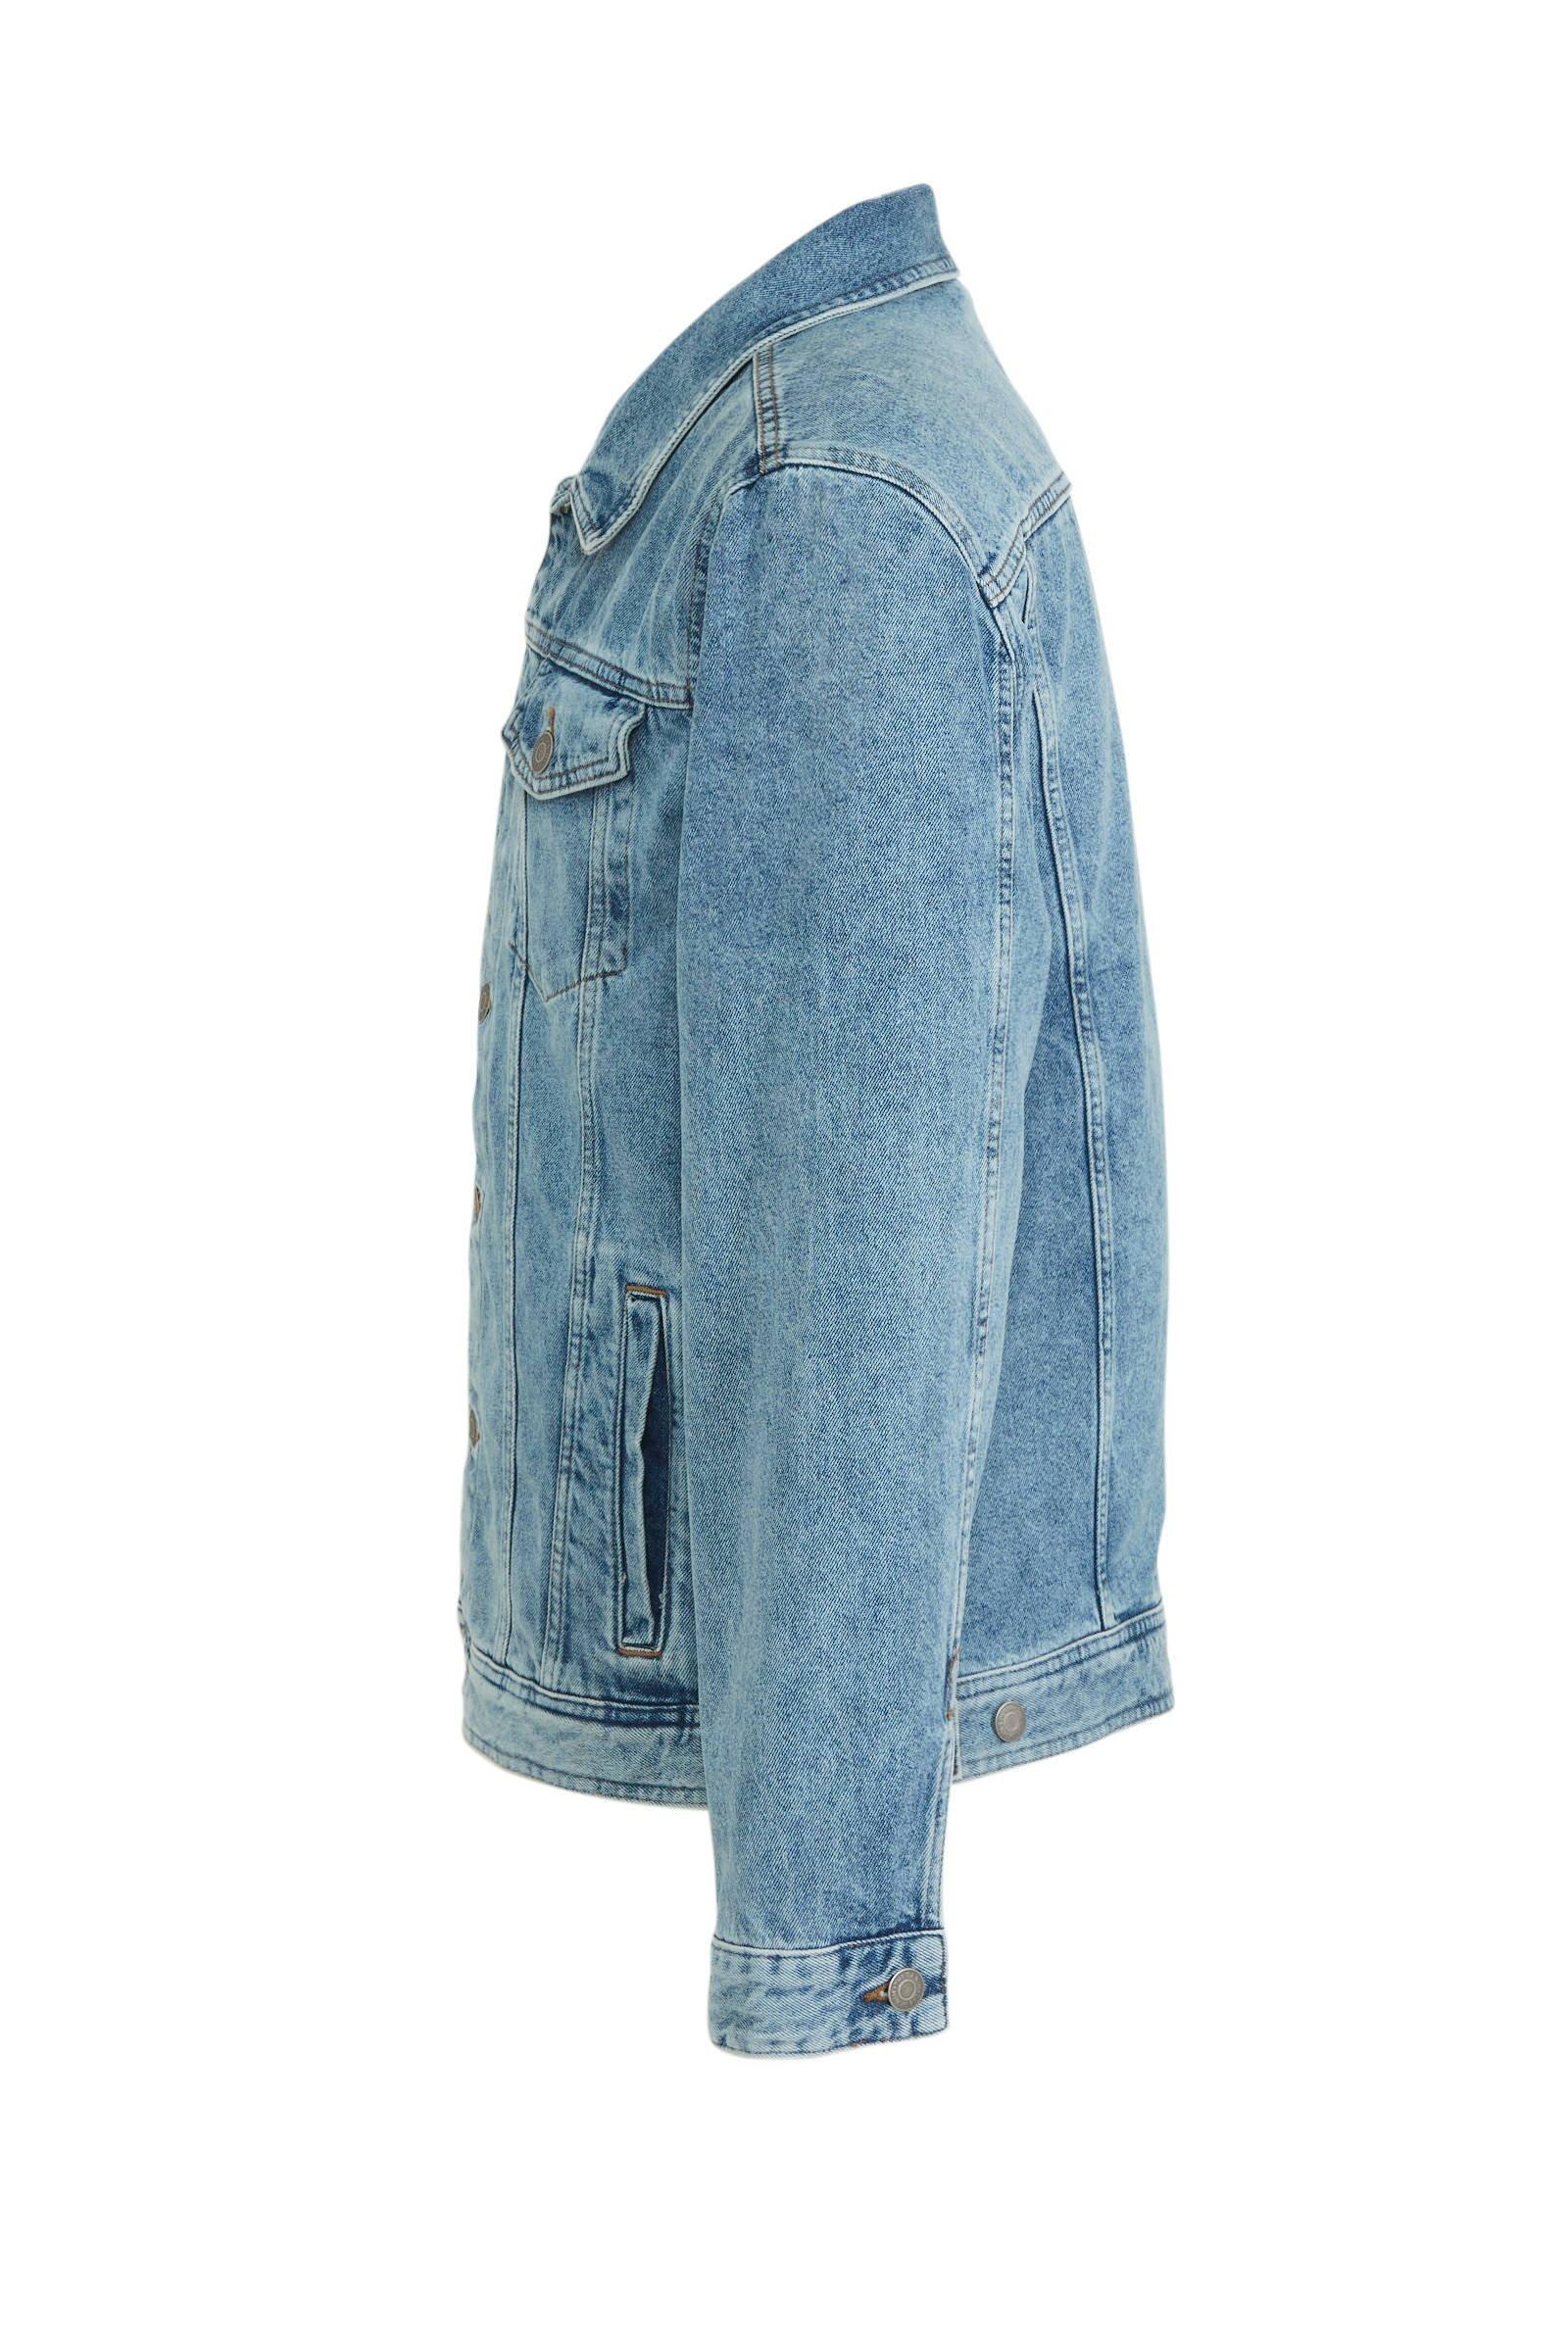 C&A Angelo Litrico spijkerjas blauw   wehkamp